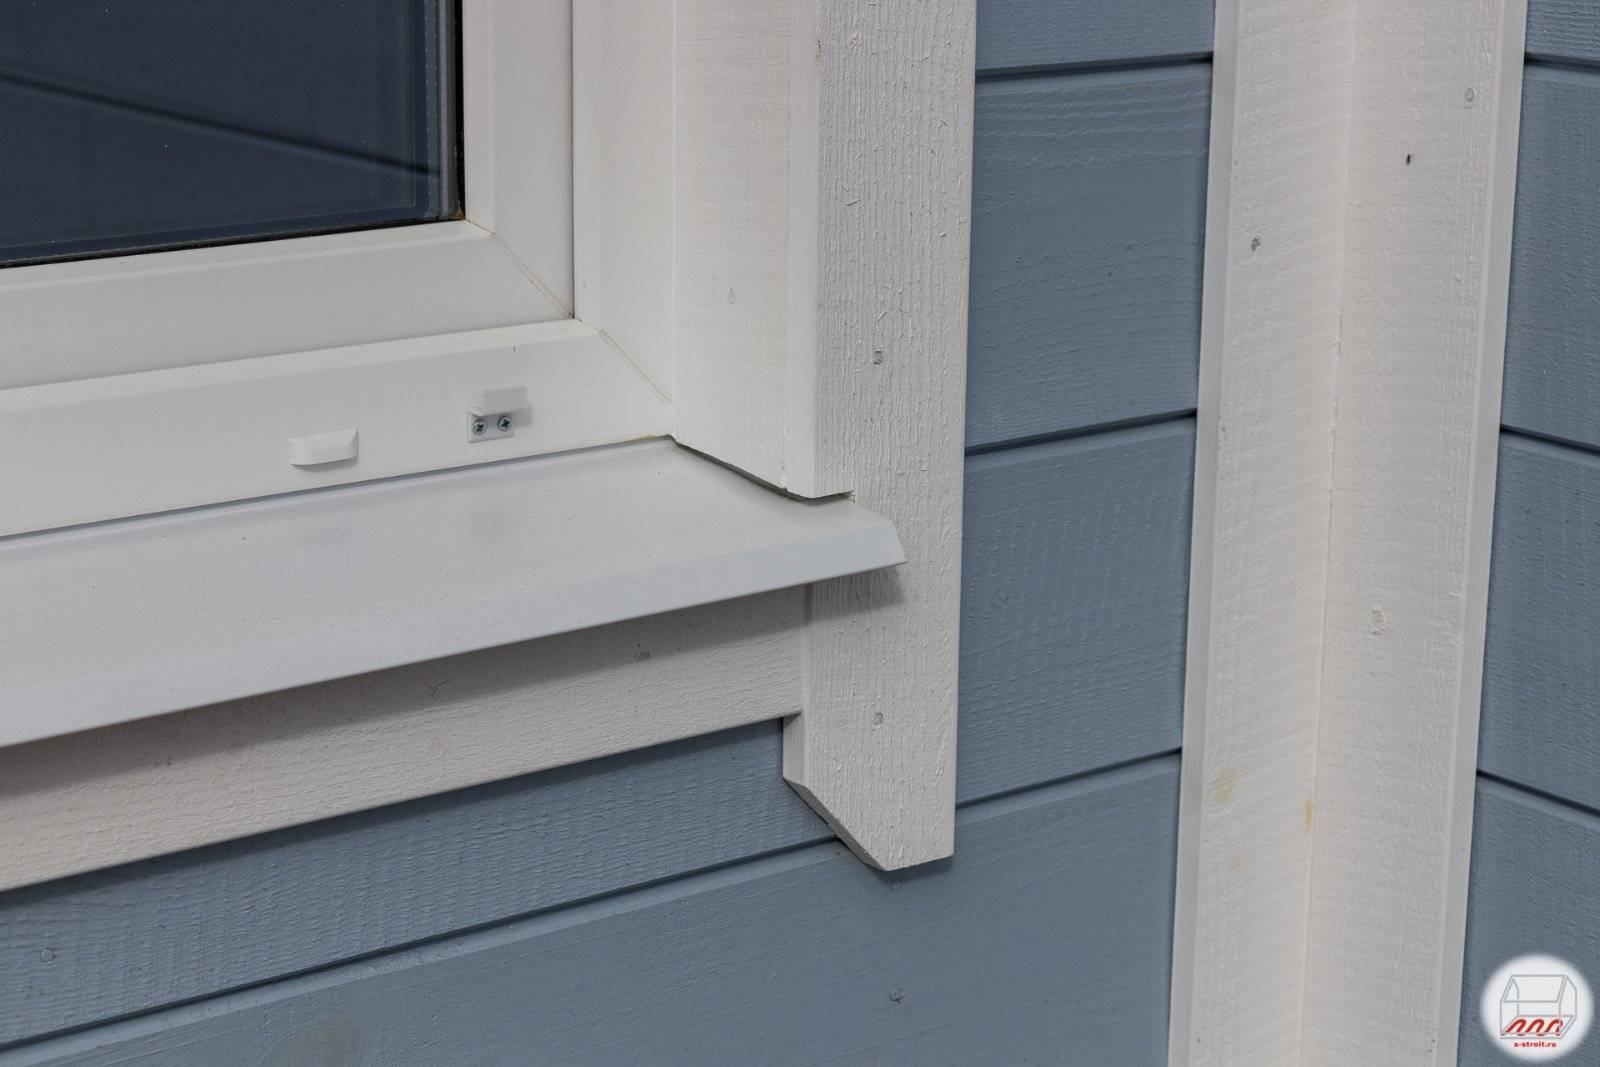 Как замерить отливы на пластиковые окна